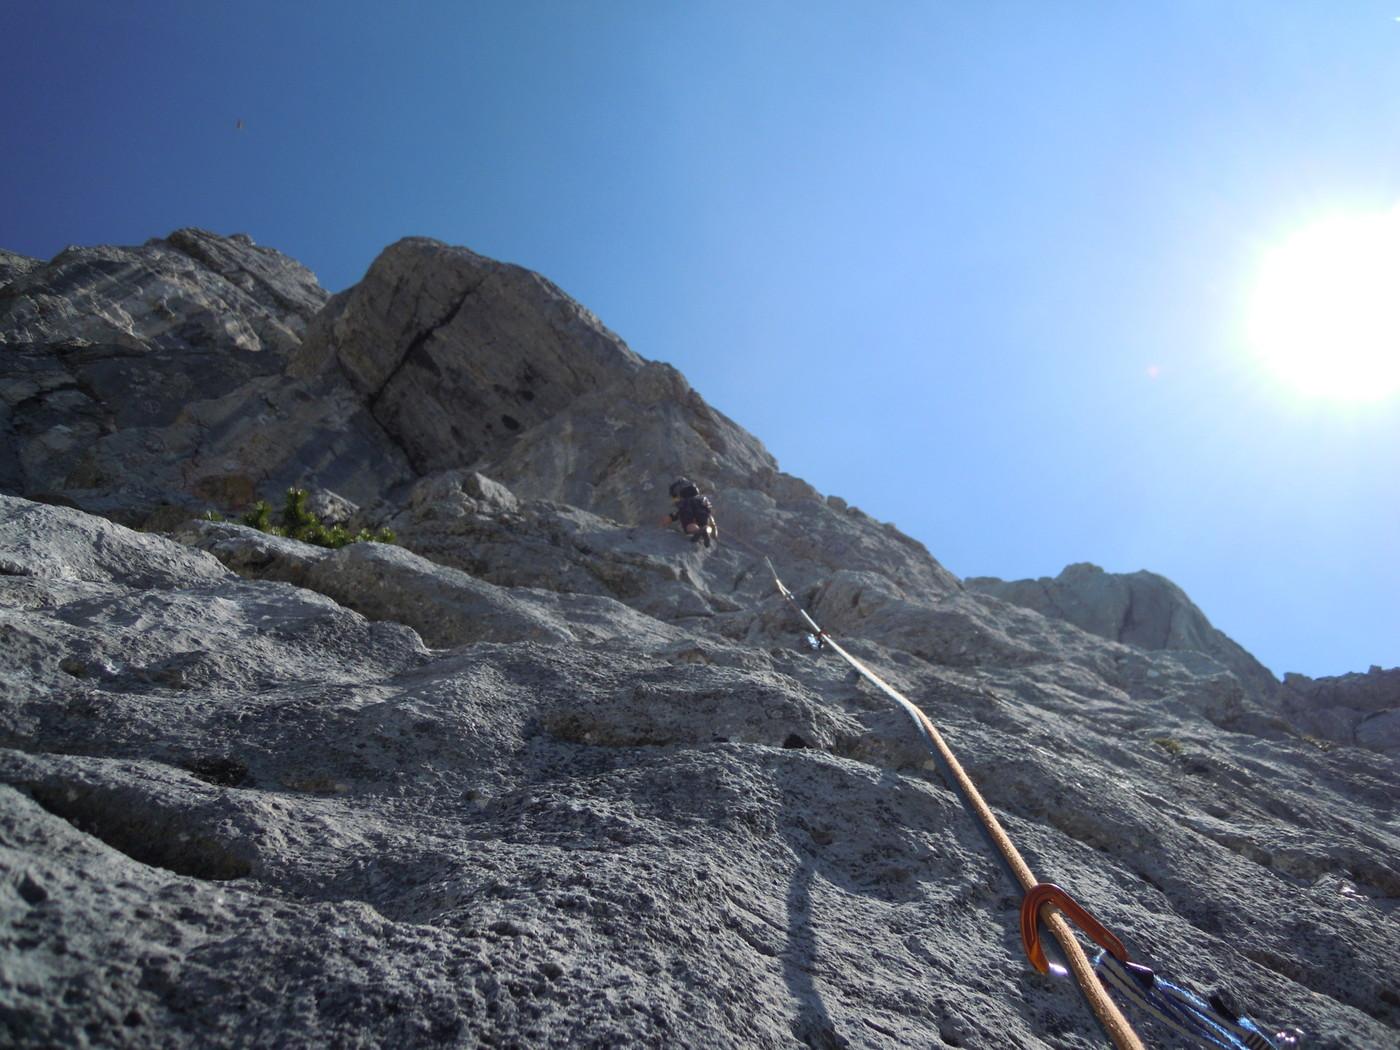 Klettersteig Buchstein : König löwenherz großer buchstein gesäuse klettern gbl